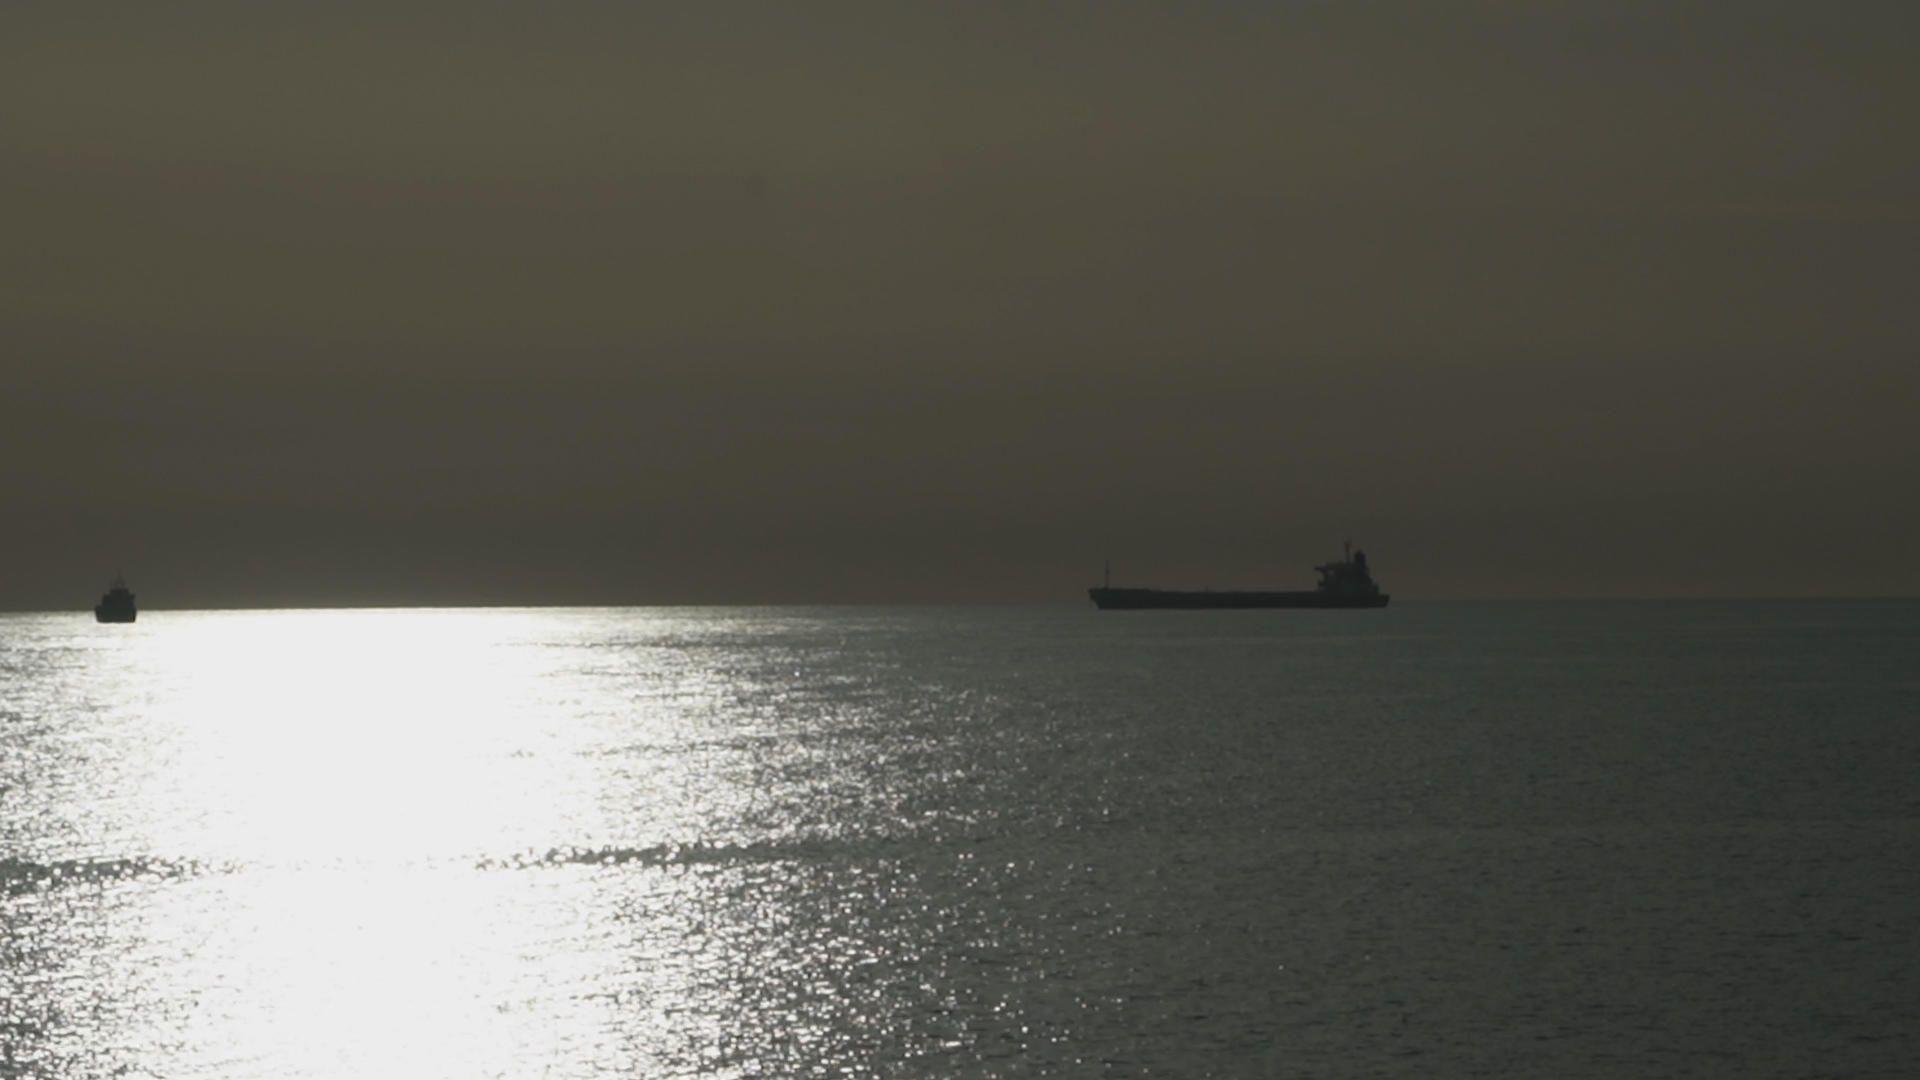 Η διακίνηση και βύθιση πλοίων με παράνομα φορτία, επικίνδυνα απόβλητα ή ακόμη και όπλα, από το ιταλικό οργανωμένο έγκλημα είναι μία άγνωστη ιστορία, που φαίνεται ότι αφορά όχι μόνο την Ιταλία, αλλά αγγίζει και την Ελλάδα.